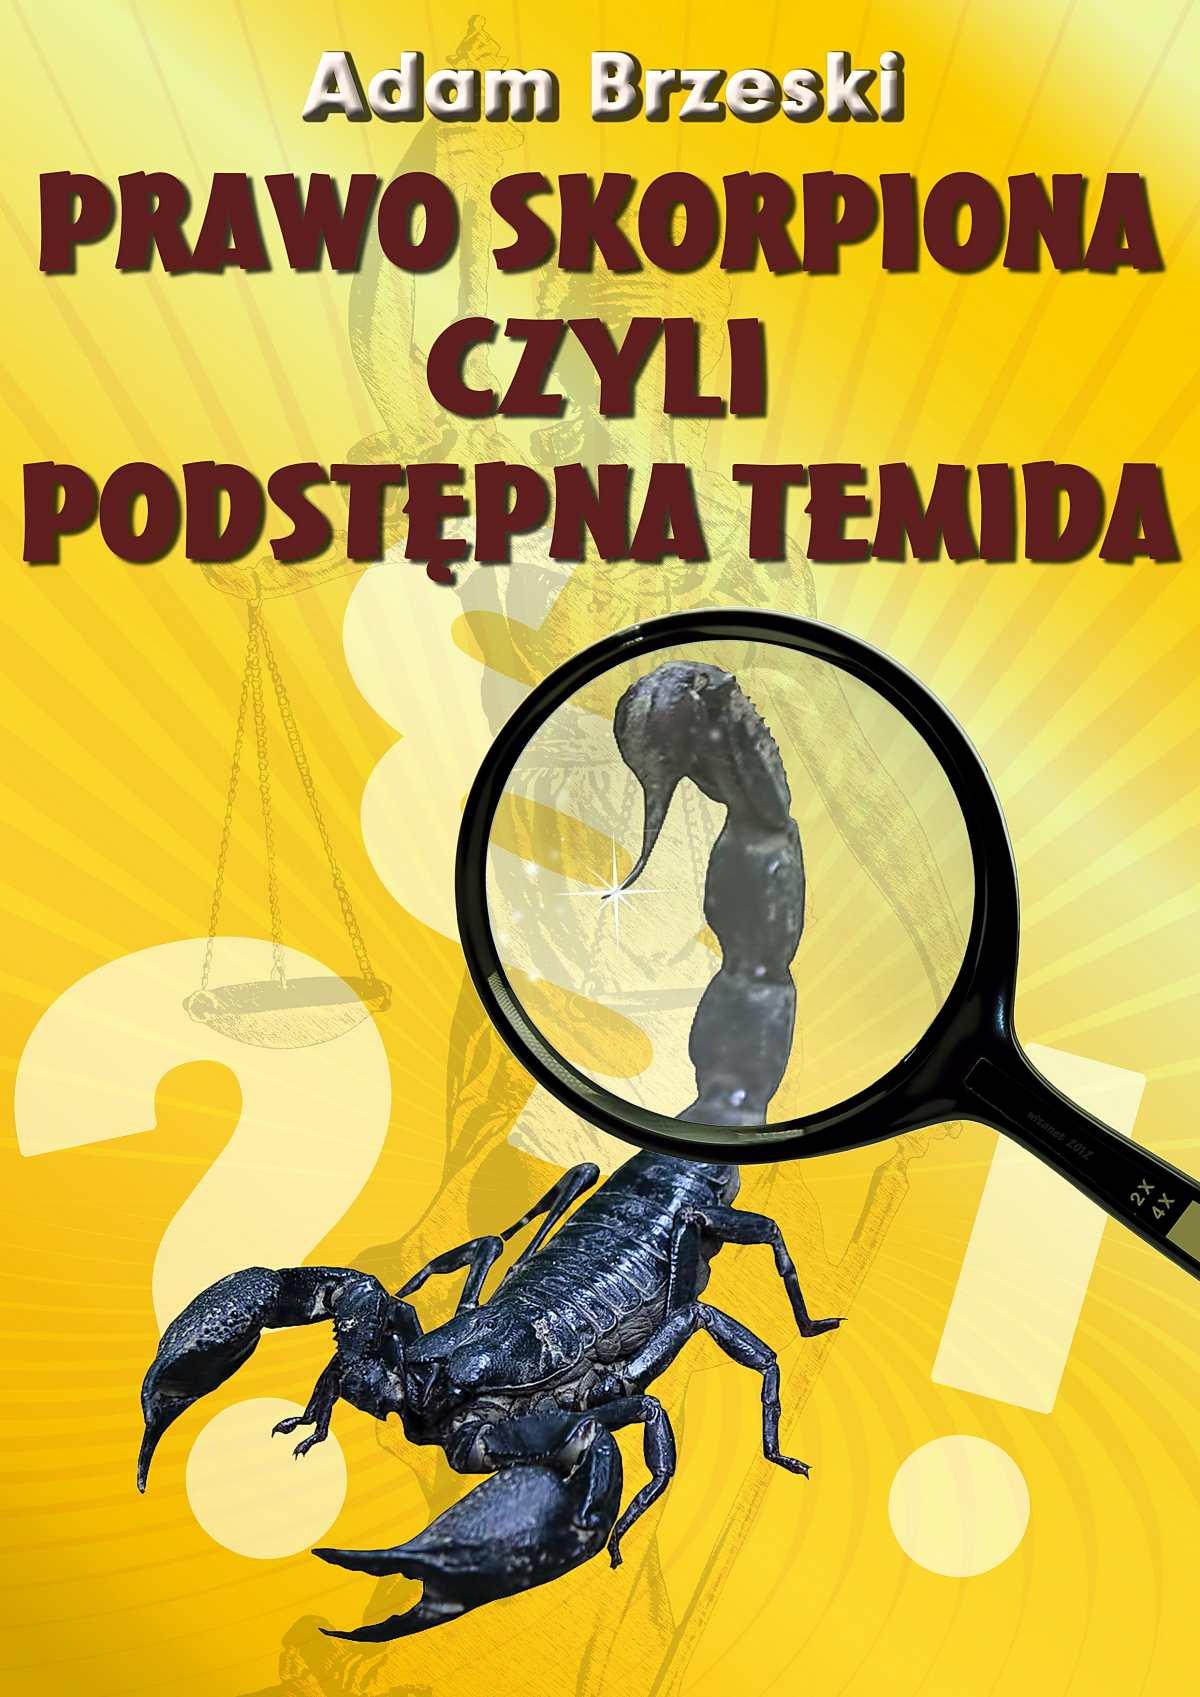 Prawo Skorpiona czyli podstępna Temida - Ebook (Książka EPUB) do pobrania w formacie EPUB